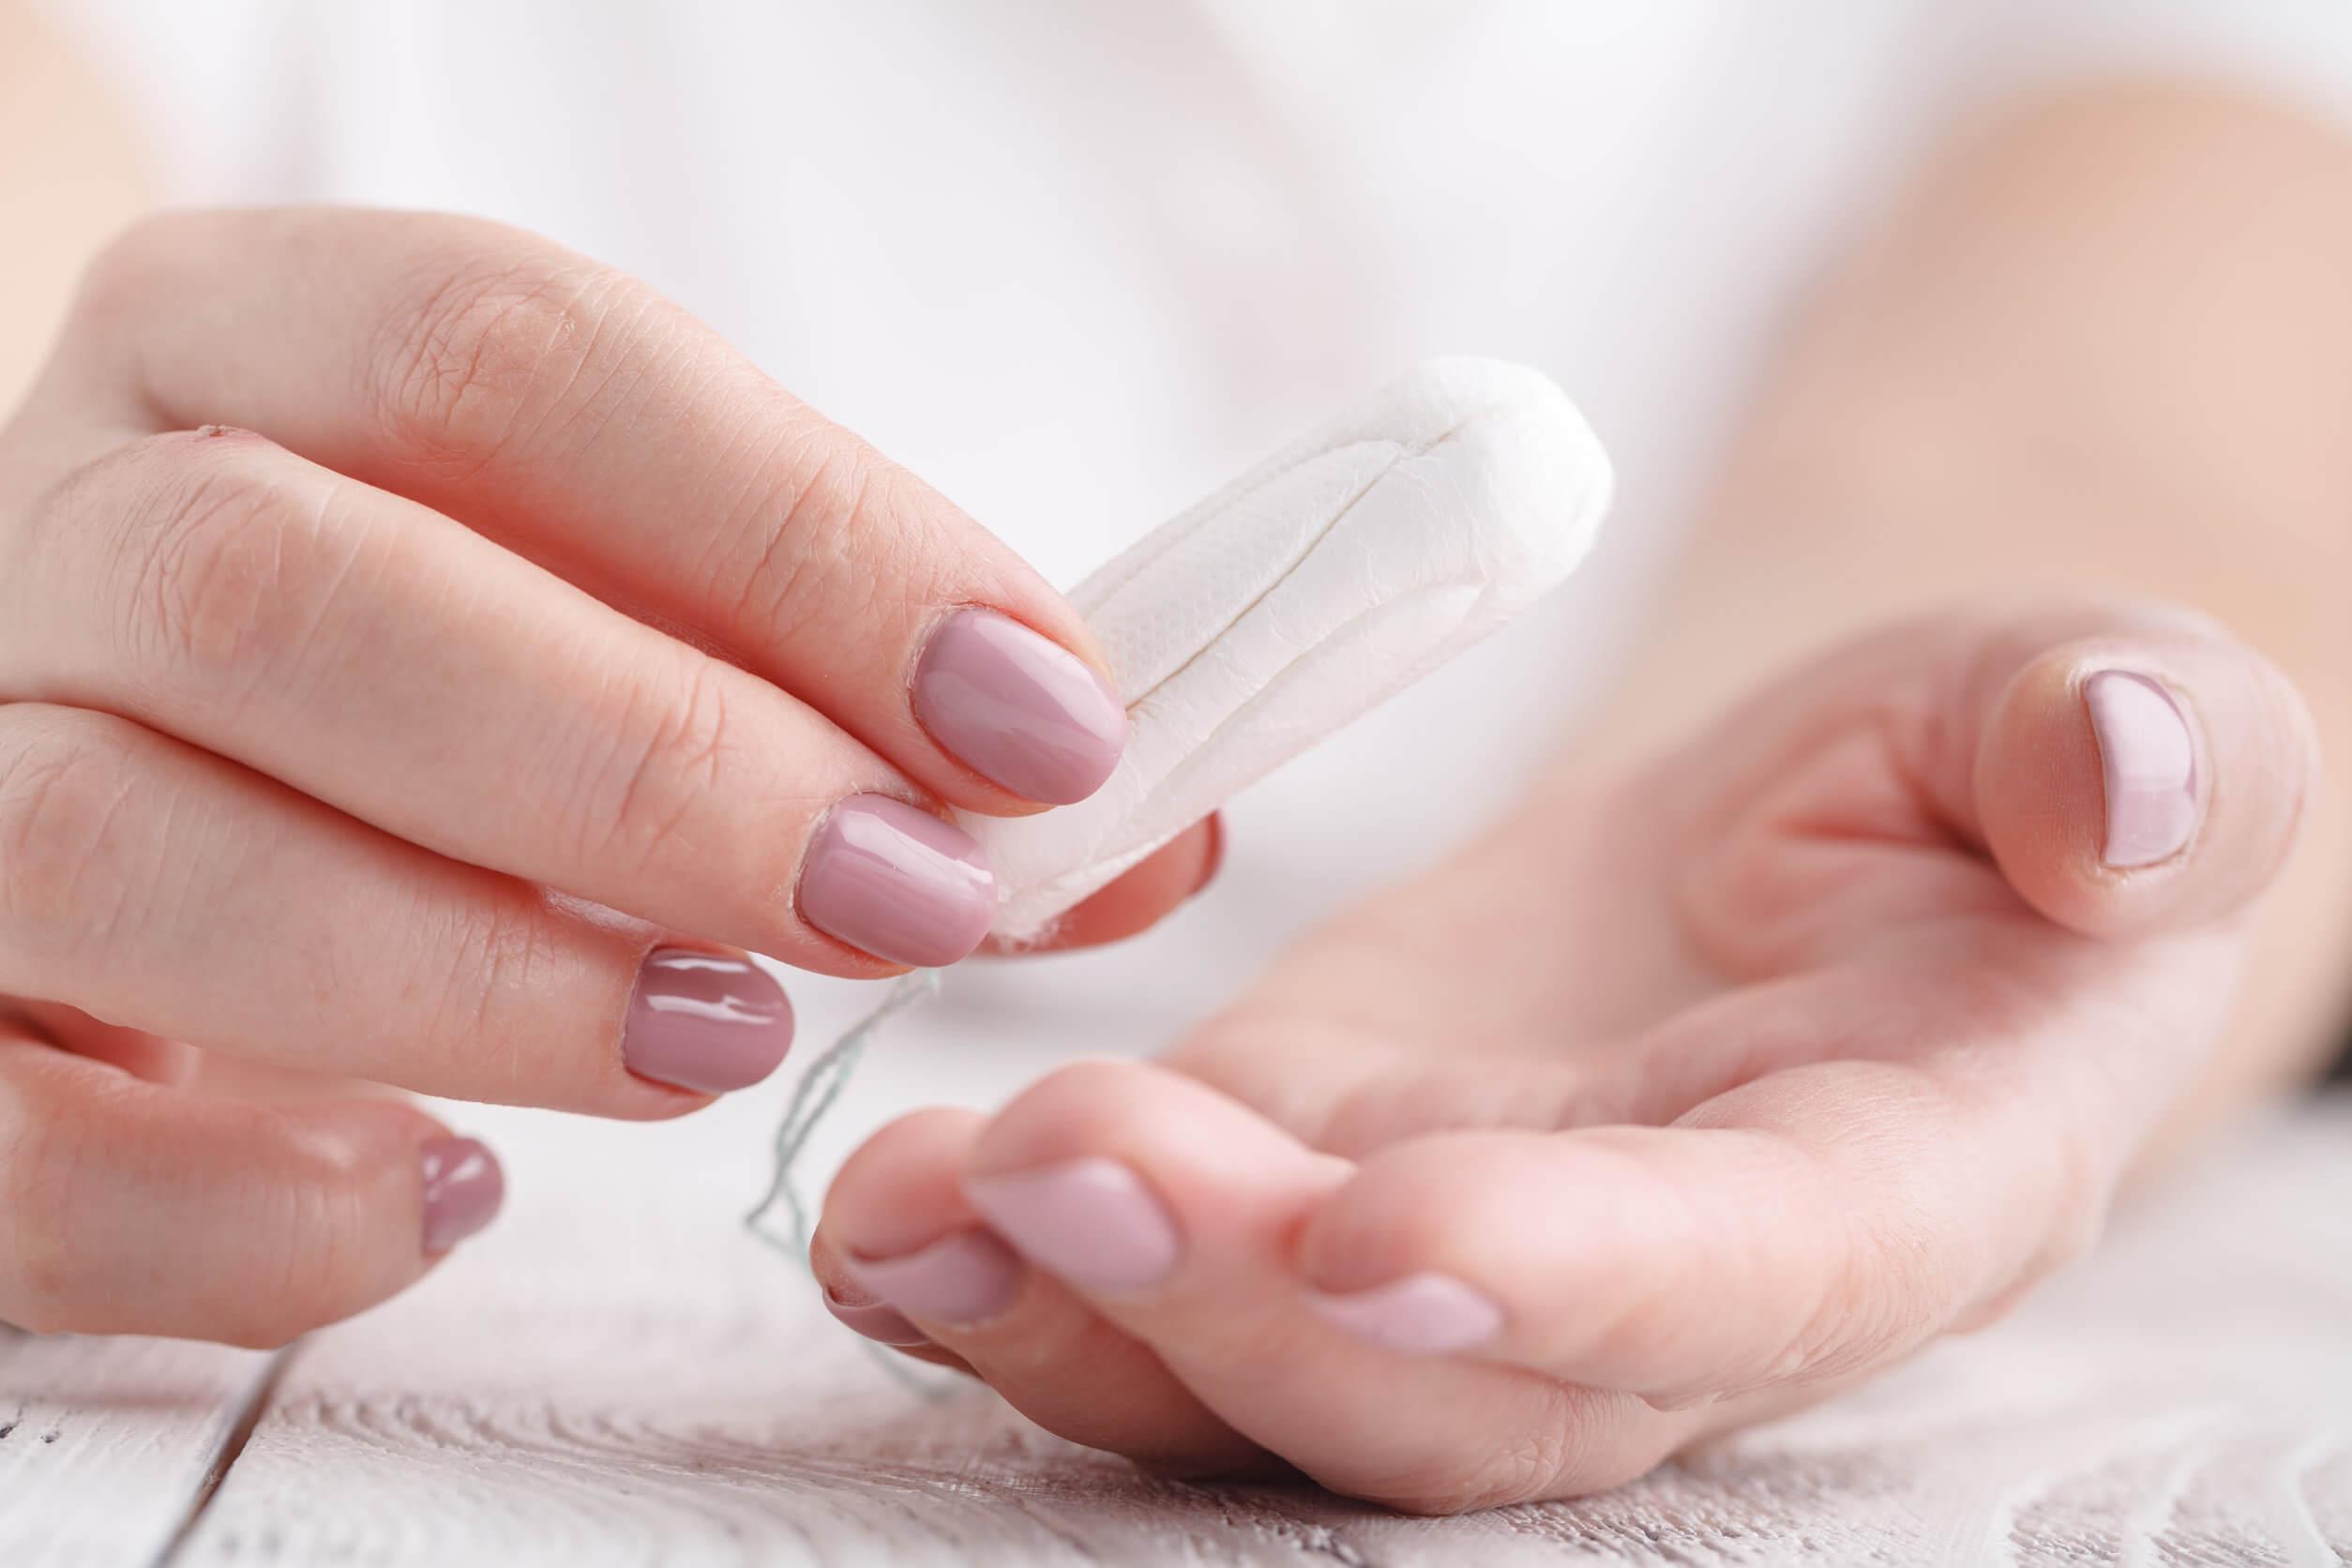 mujeres estadounidenses murieron por infecciones asociadas con el uso de tampones